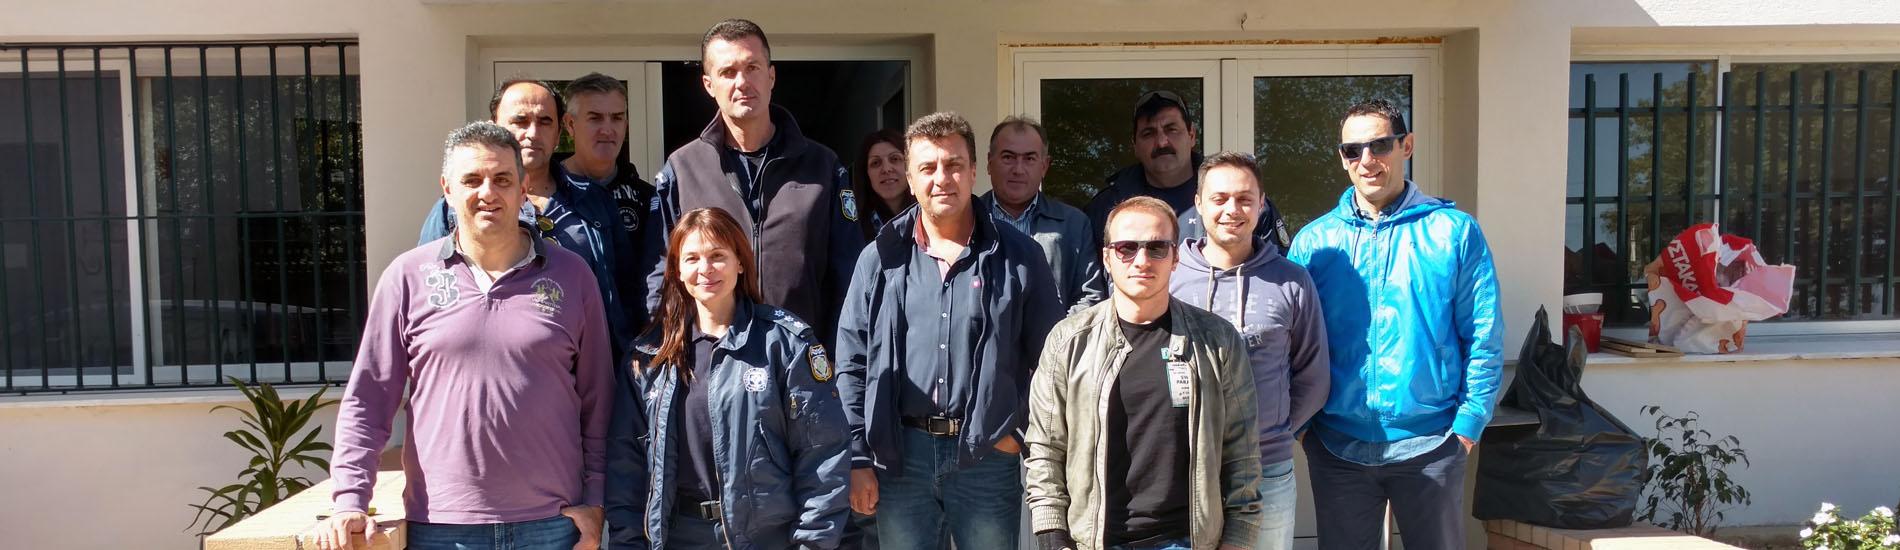 Επίσκεψη Δ.Σ. της Τοπικής Διοίκησης Καρδίτσας στο Α.Τ. Λίμνης Πλαστήρα